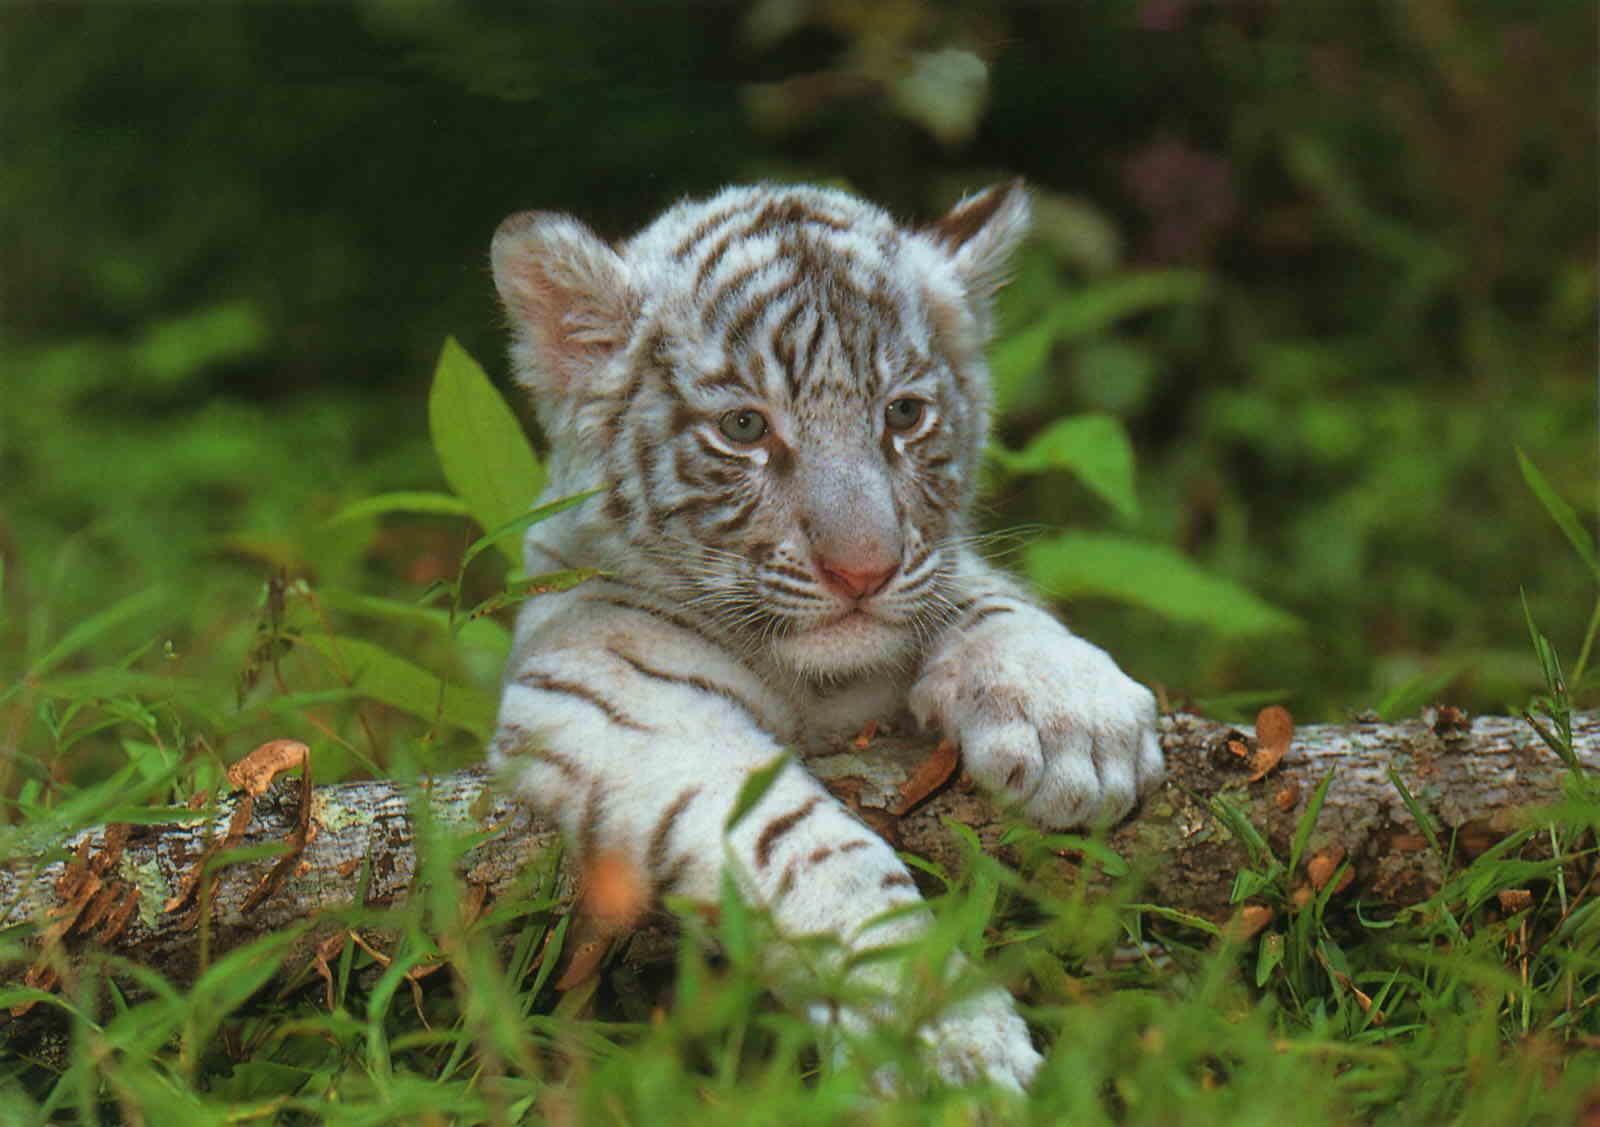 Connu Le bébé tigre - Momes.net UY34